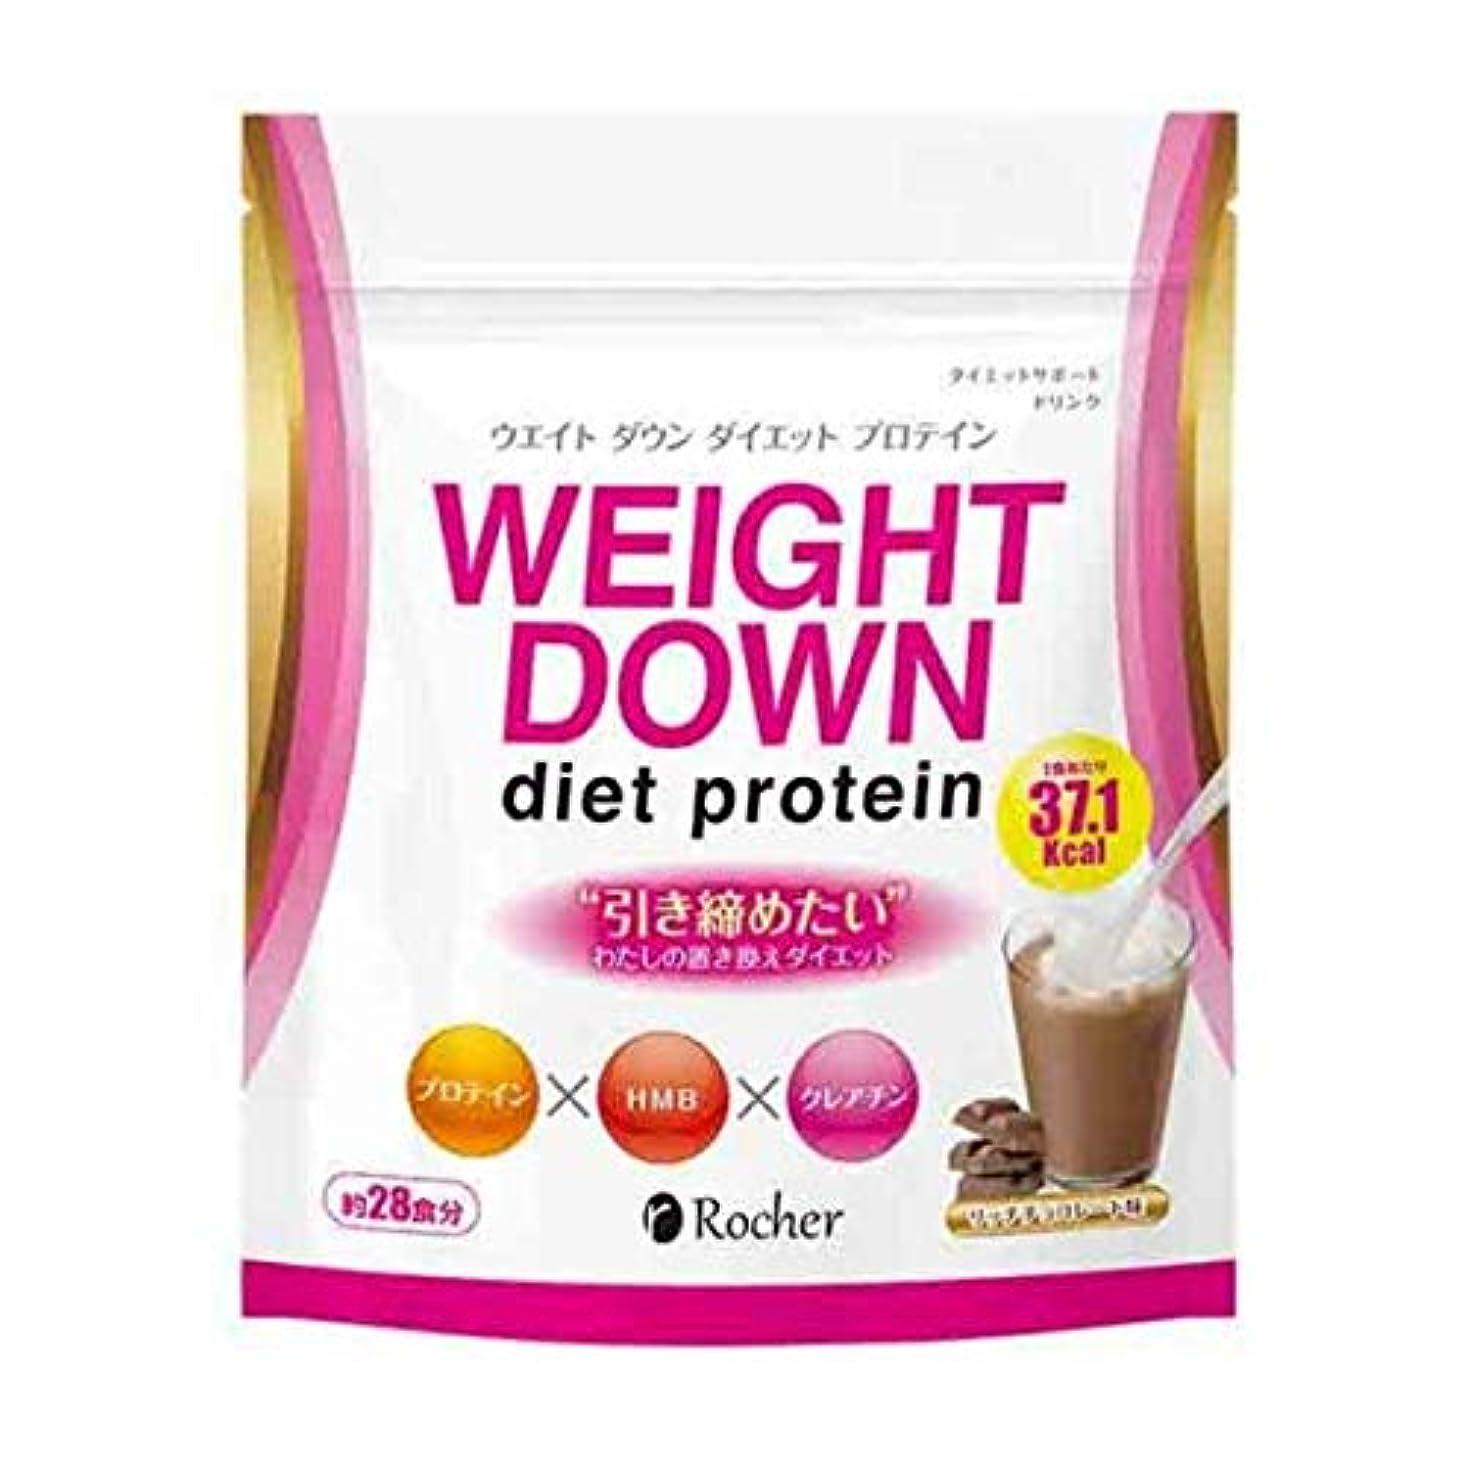 抜粋透けて見えるレビュアーウェイトダウン ダイエットプロテイン 置き換えダイエット!栄養バランを考えて作られたダイエットプロテイン